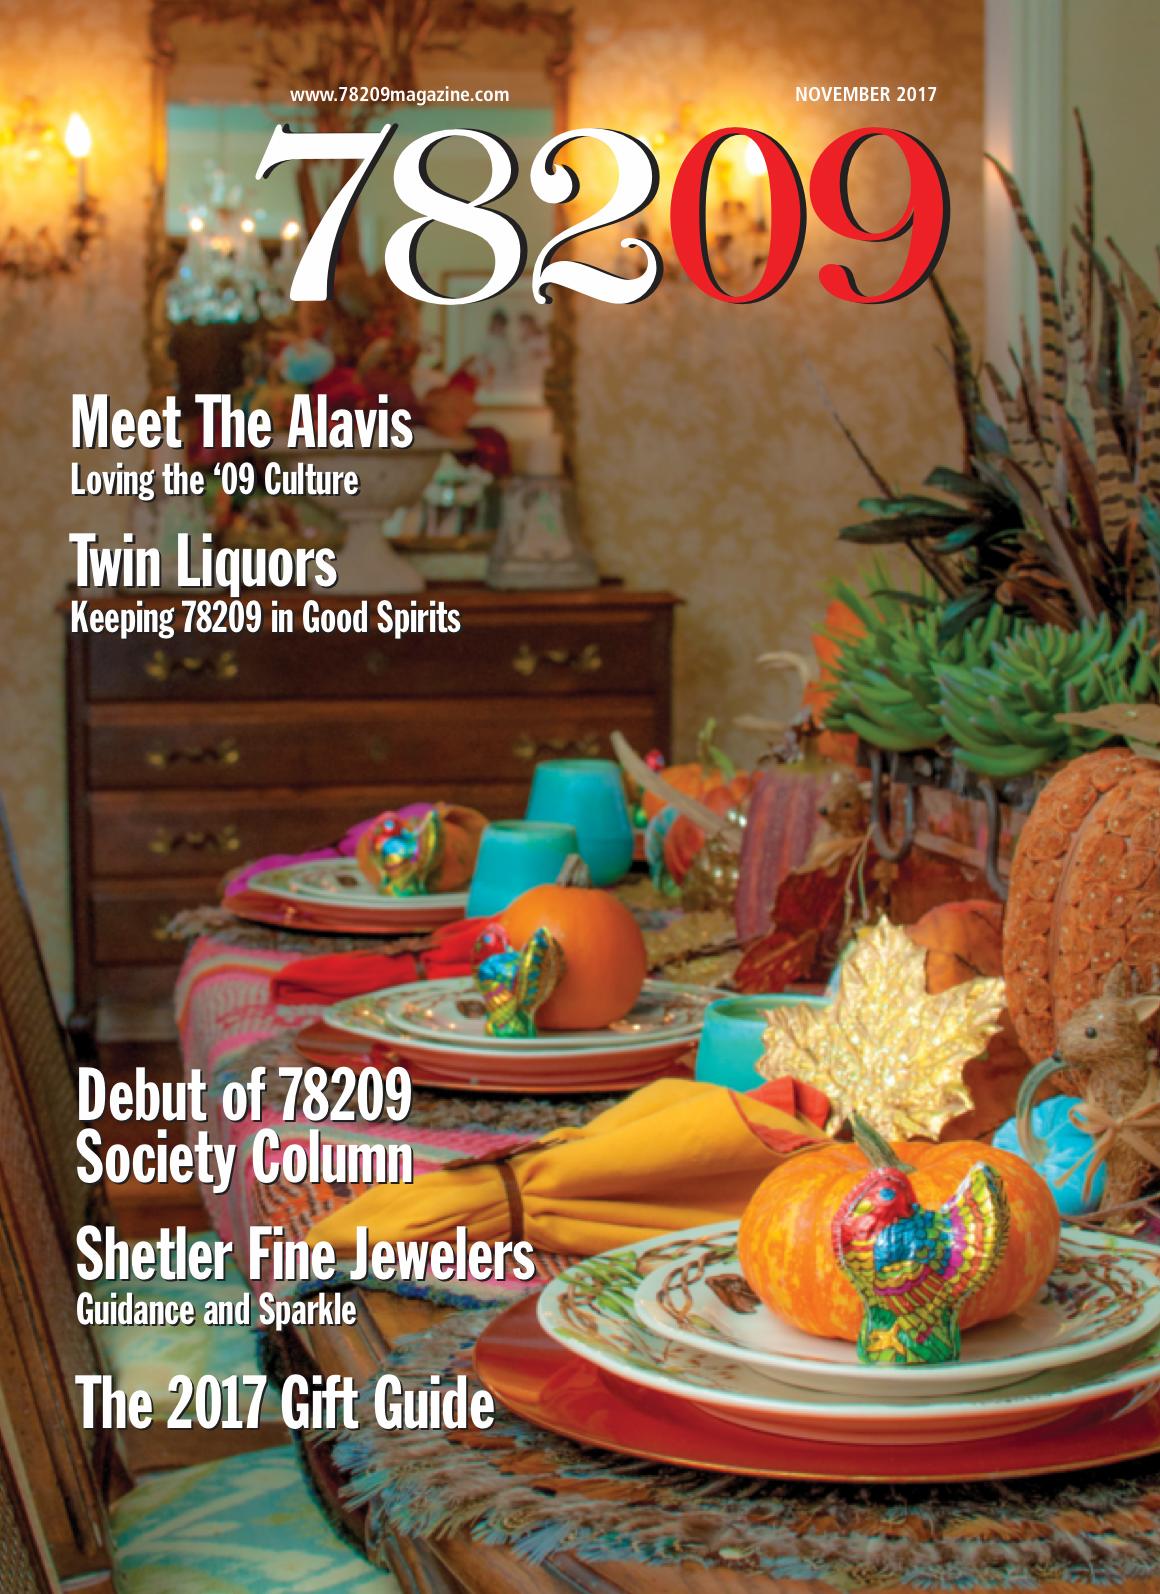 78209 Magazine November 2017